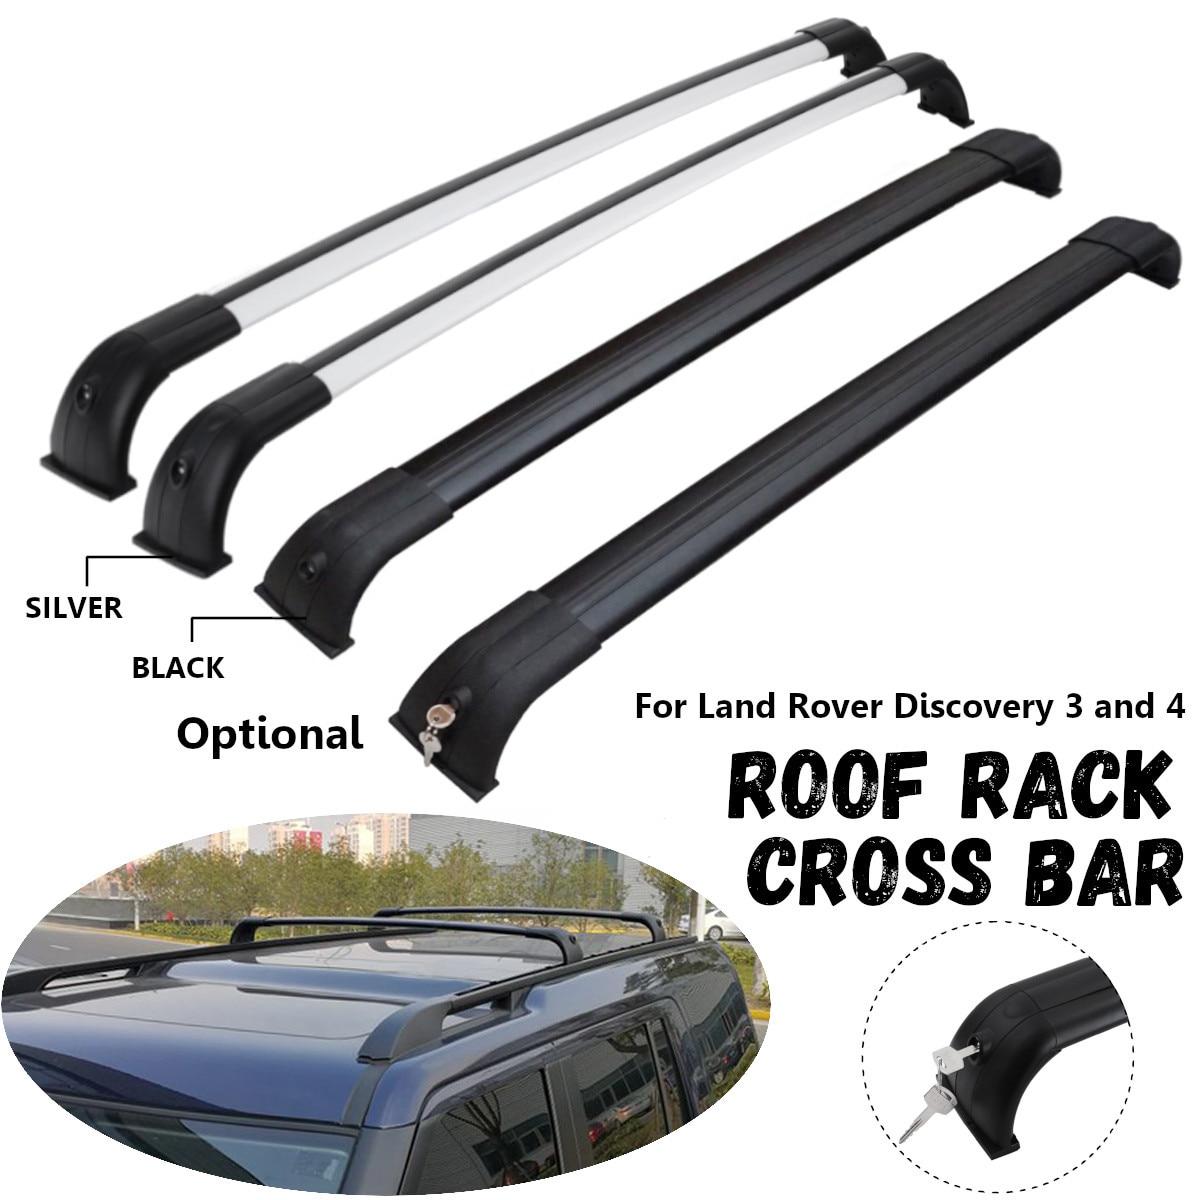 2 шт. 120 кг, замок на крышу, перекрестие, полка для крыши, ключи, черный, серебристый комплект для Land Rover Discovery 3 4